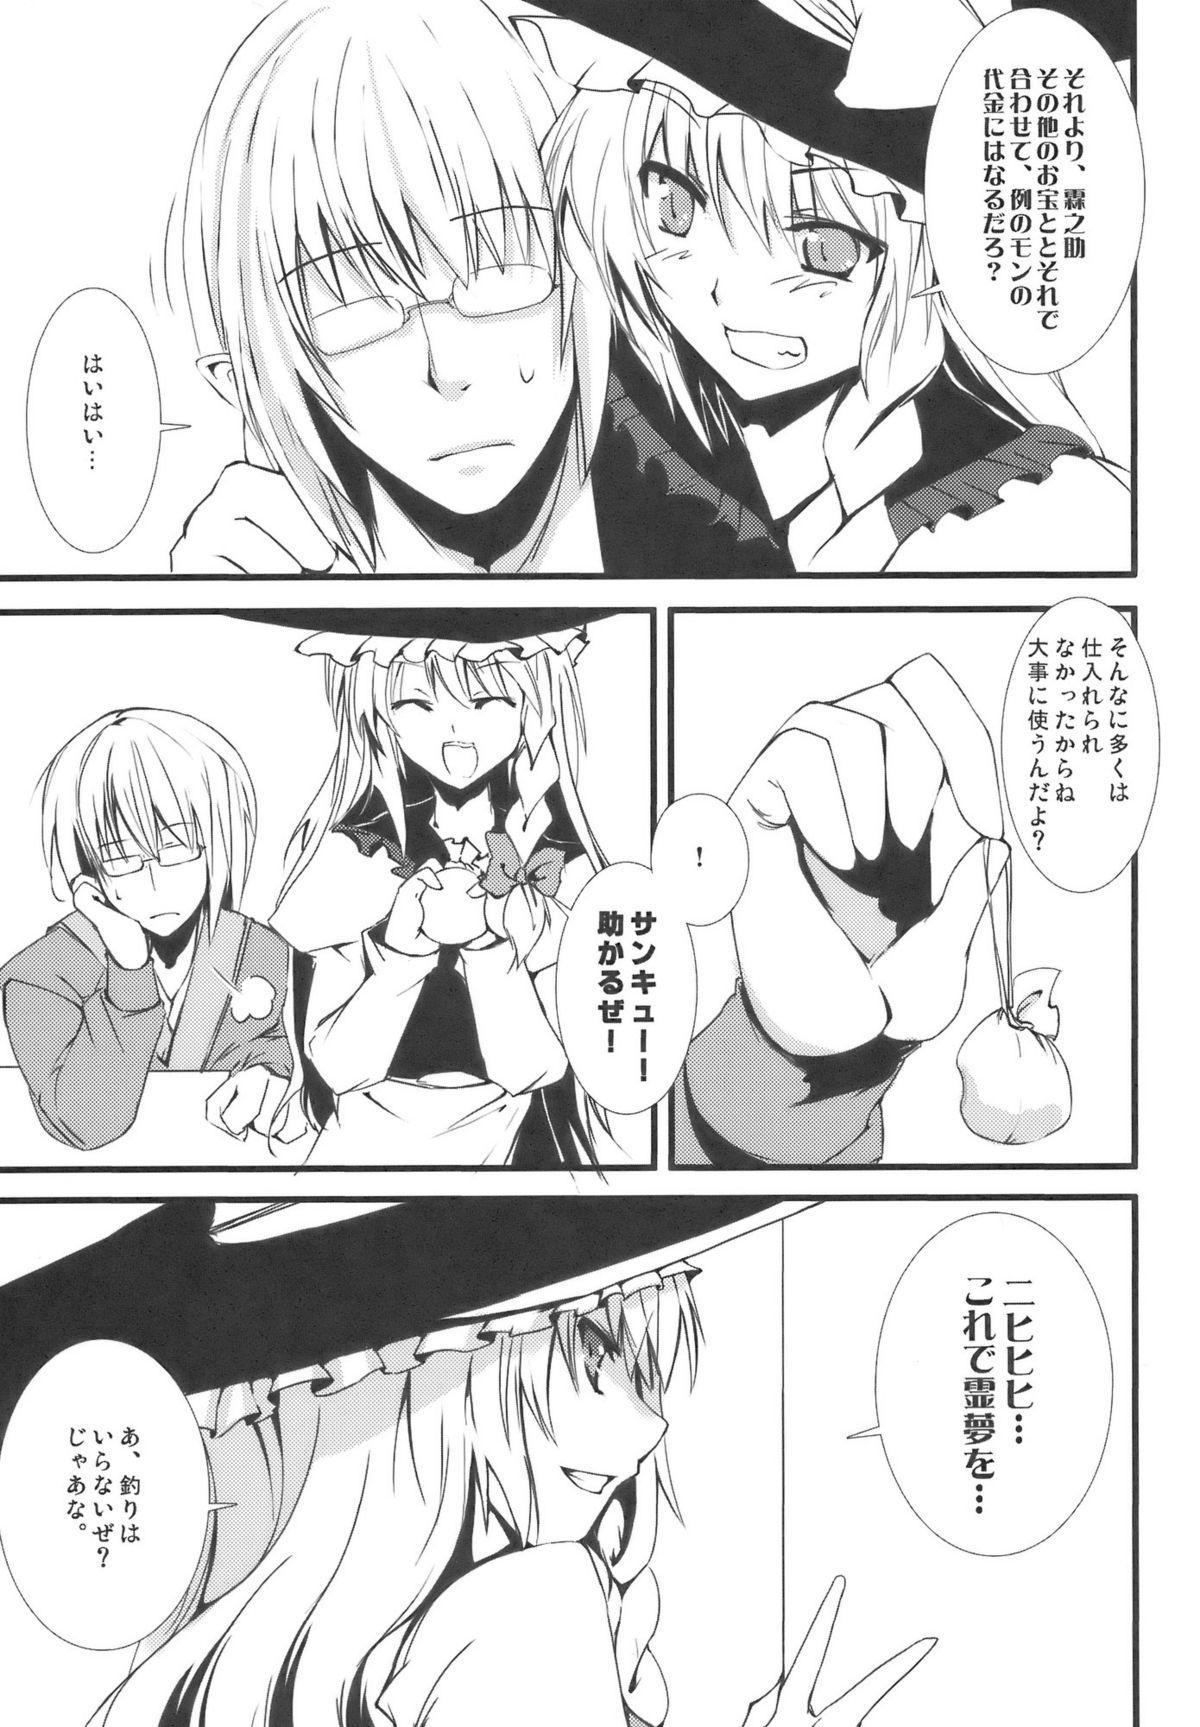 Kasa no Ongaeshi 4